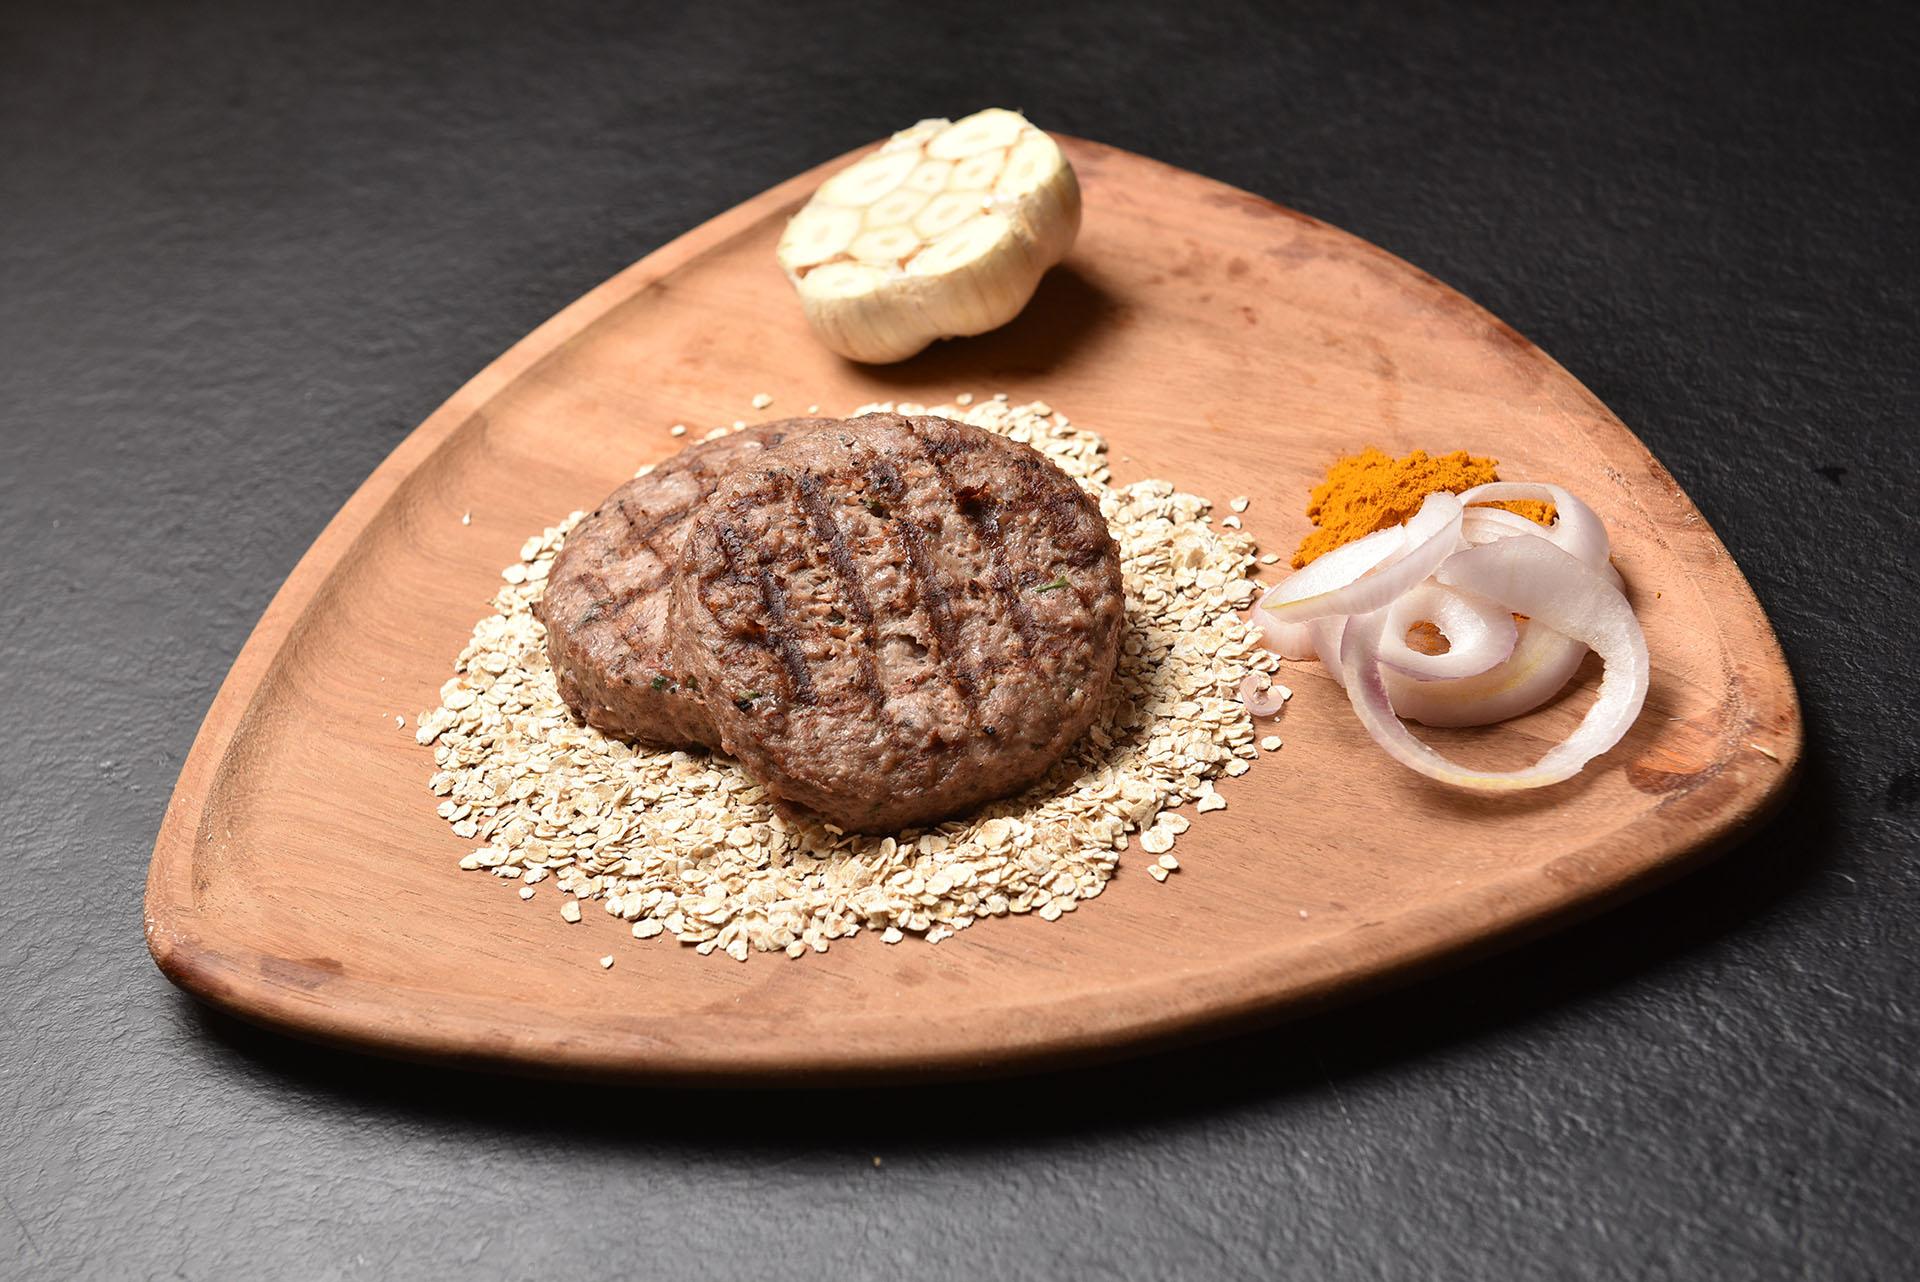 Μπιφτέκι με Κιμά Ανάμεικτο (50% Χοιρινό - 50% Βόειο)